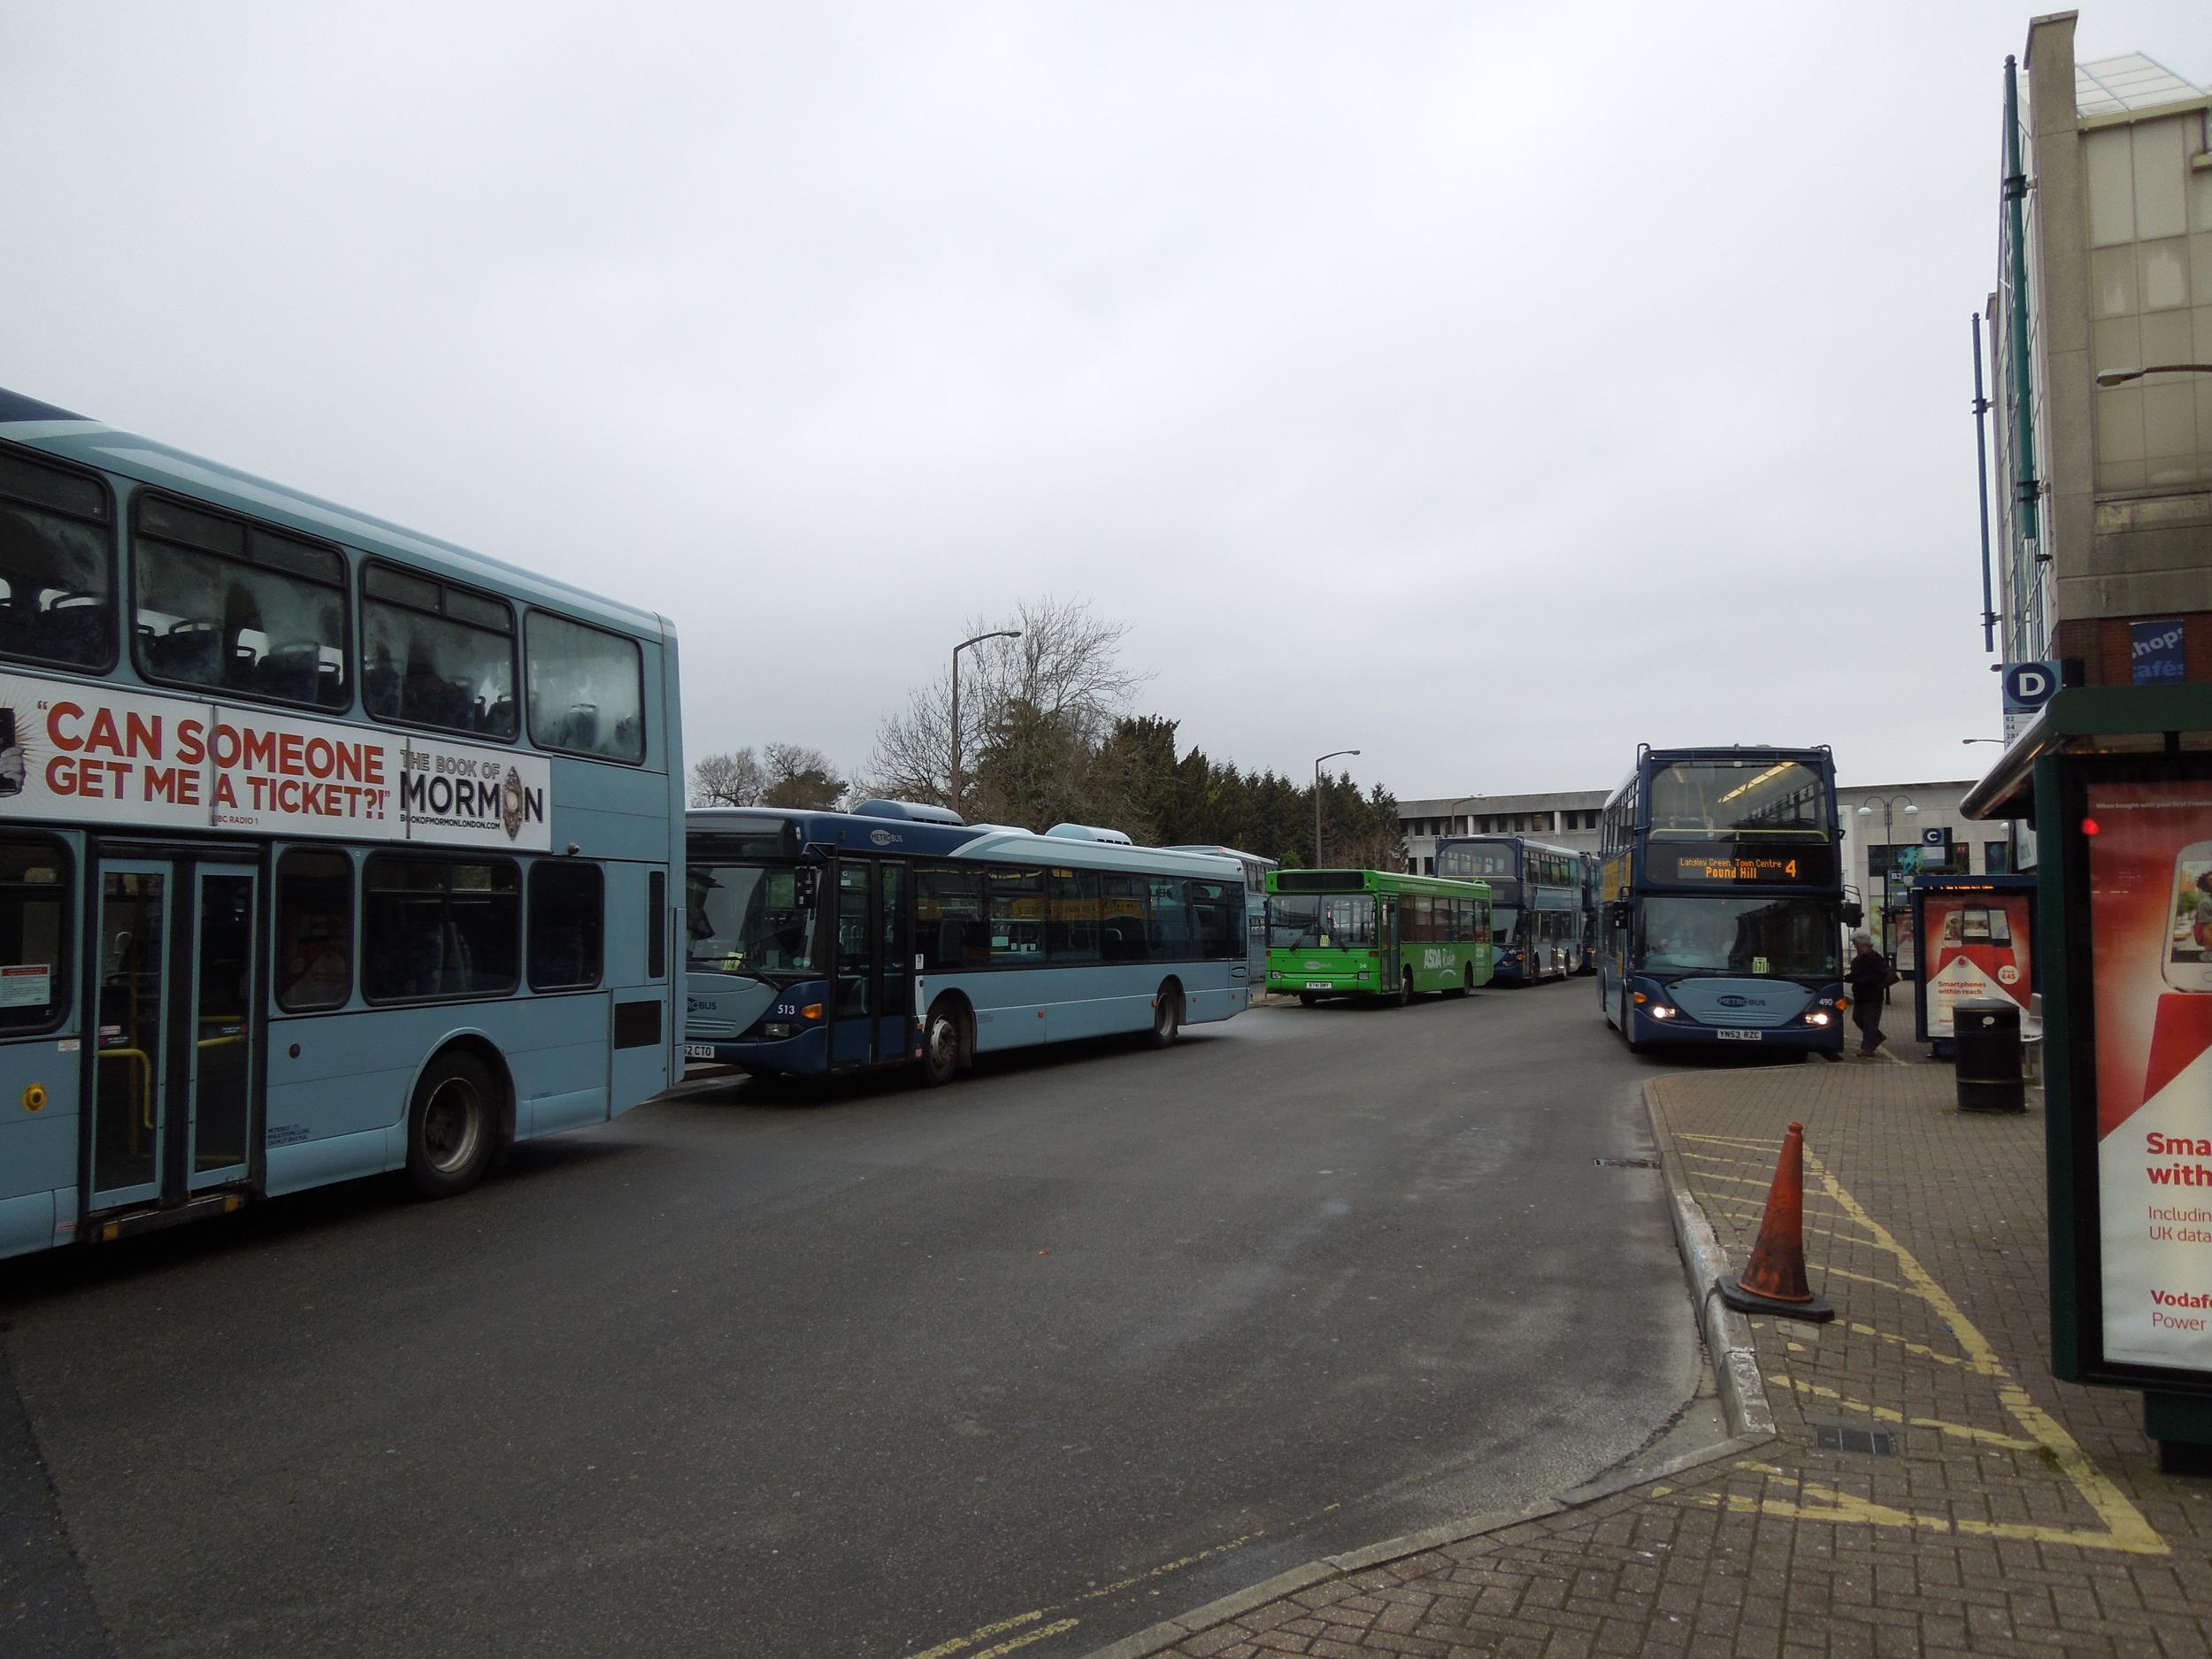 Crawley city center bus stop